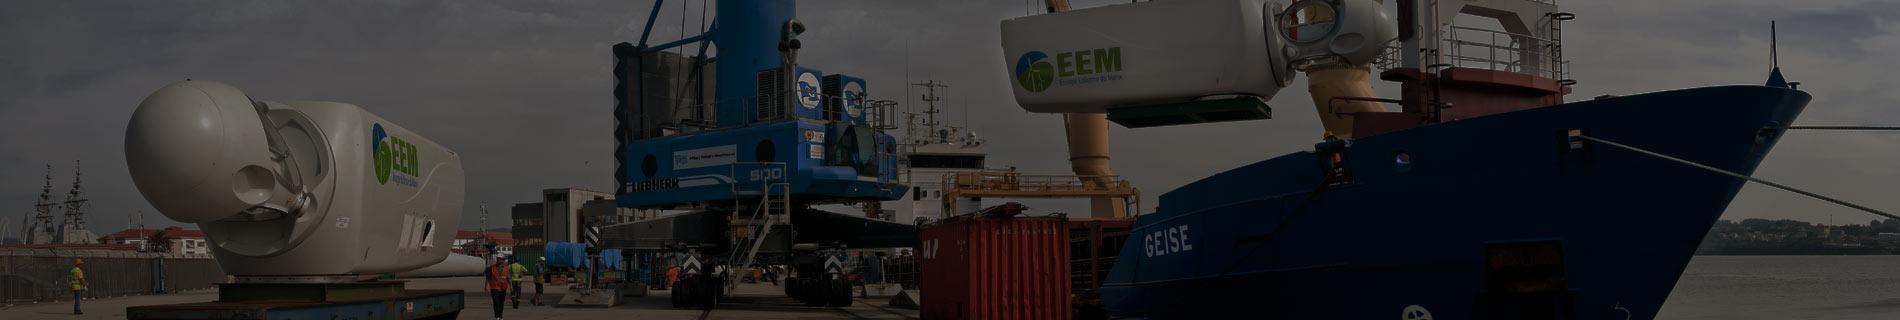 Eólicos Ferrol